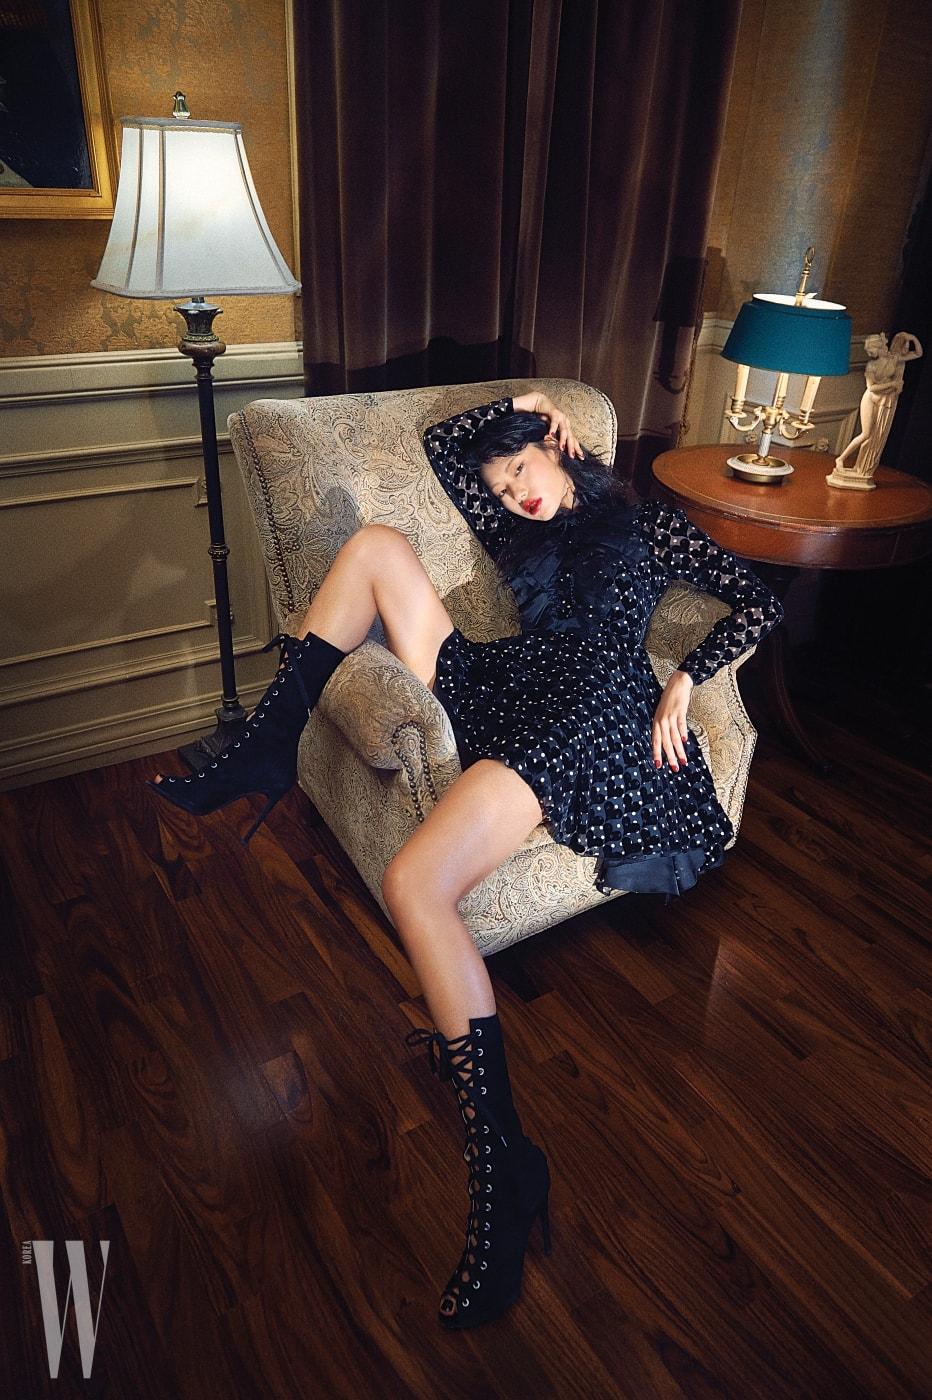 하트 무늬와 도트가 어우러진 벨벳 드레스와 레이스업 부츠는 Giambattista Valli 제품.